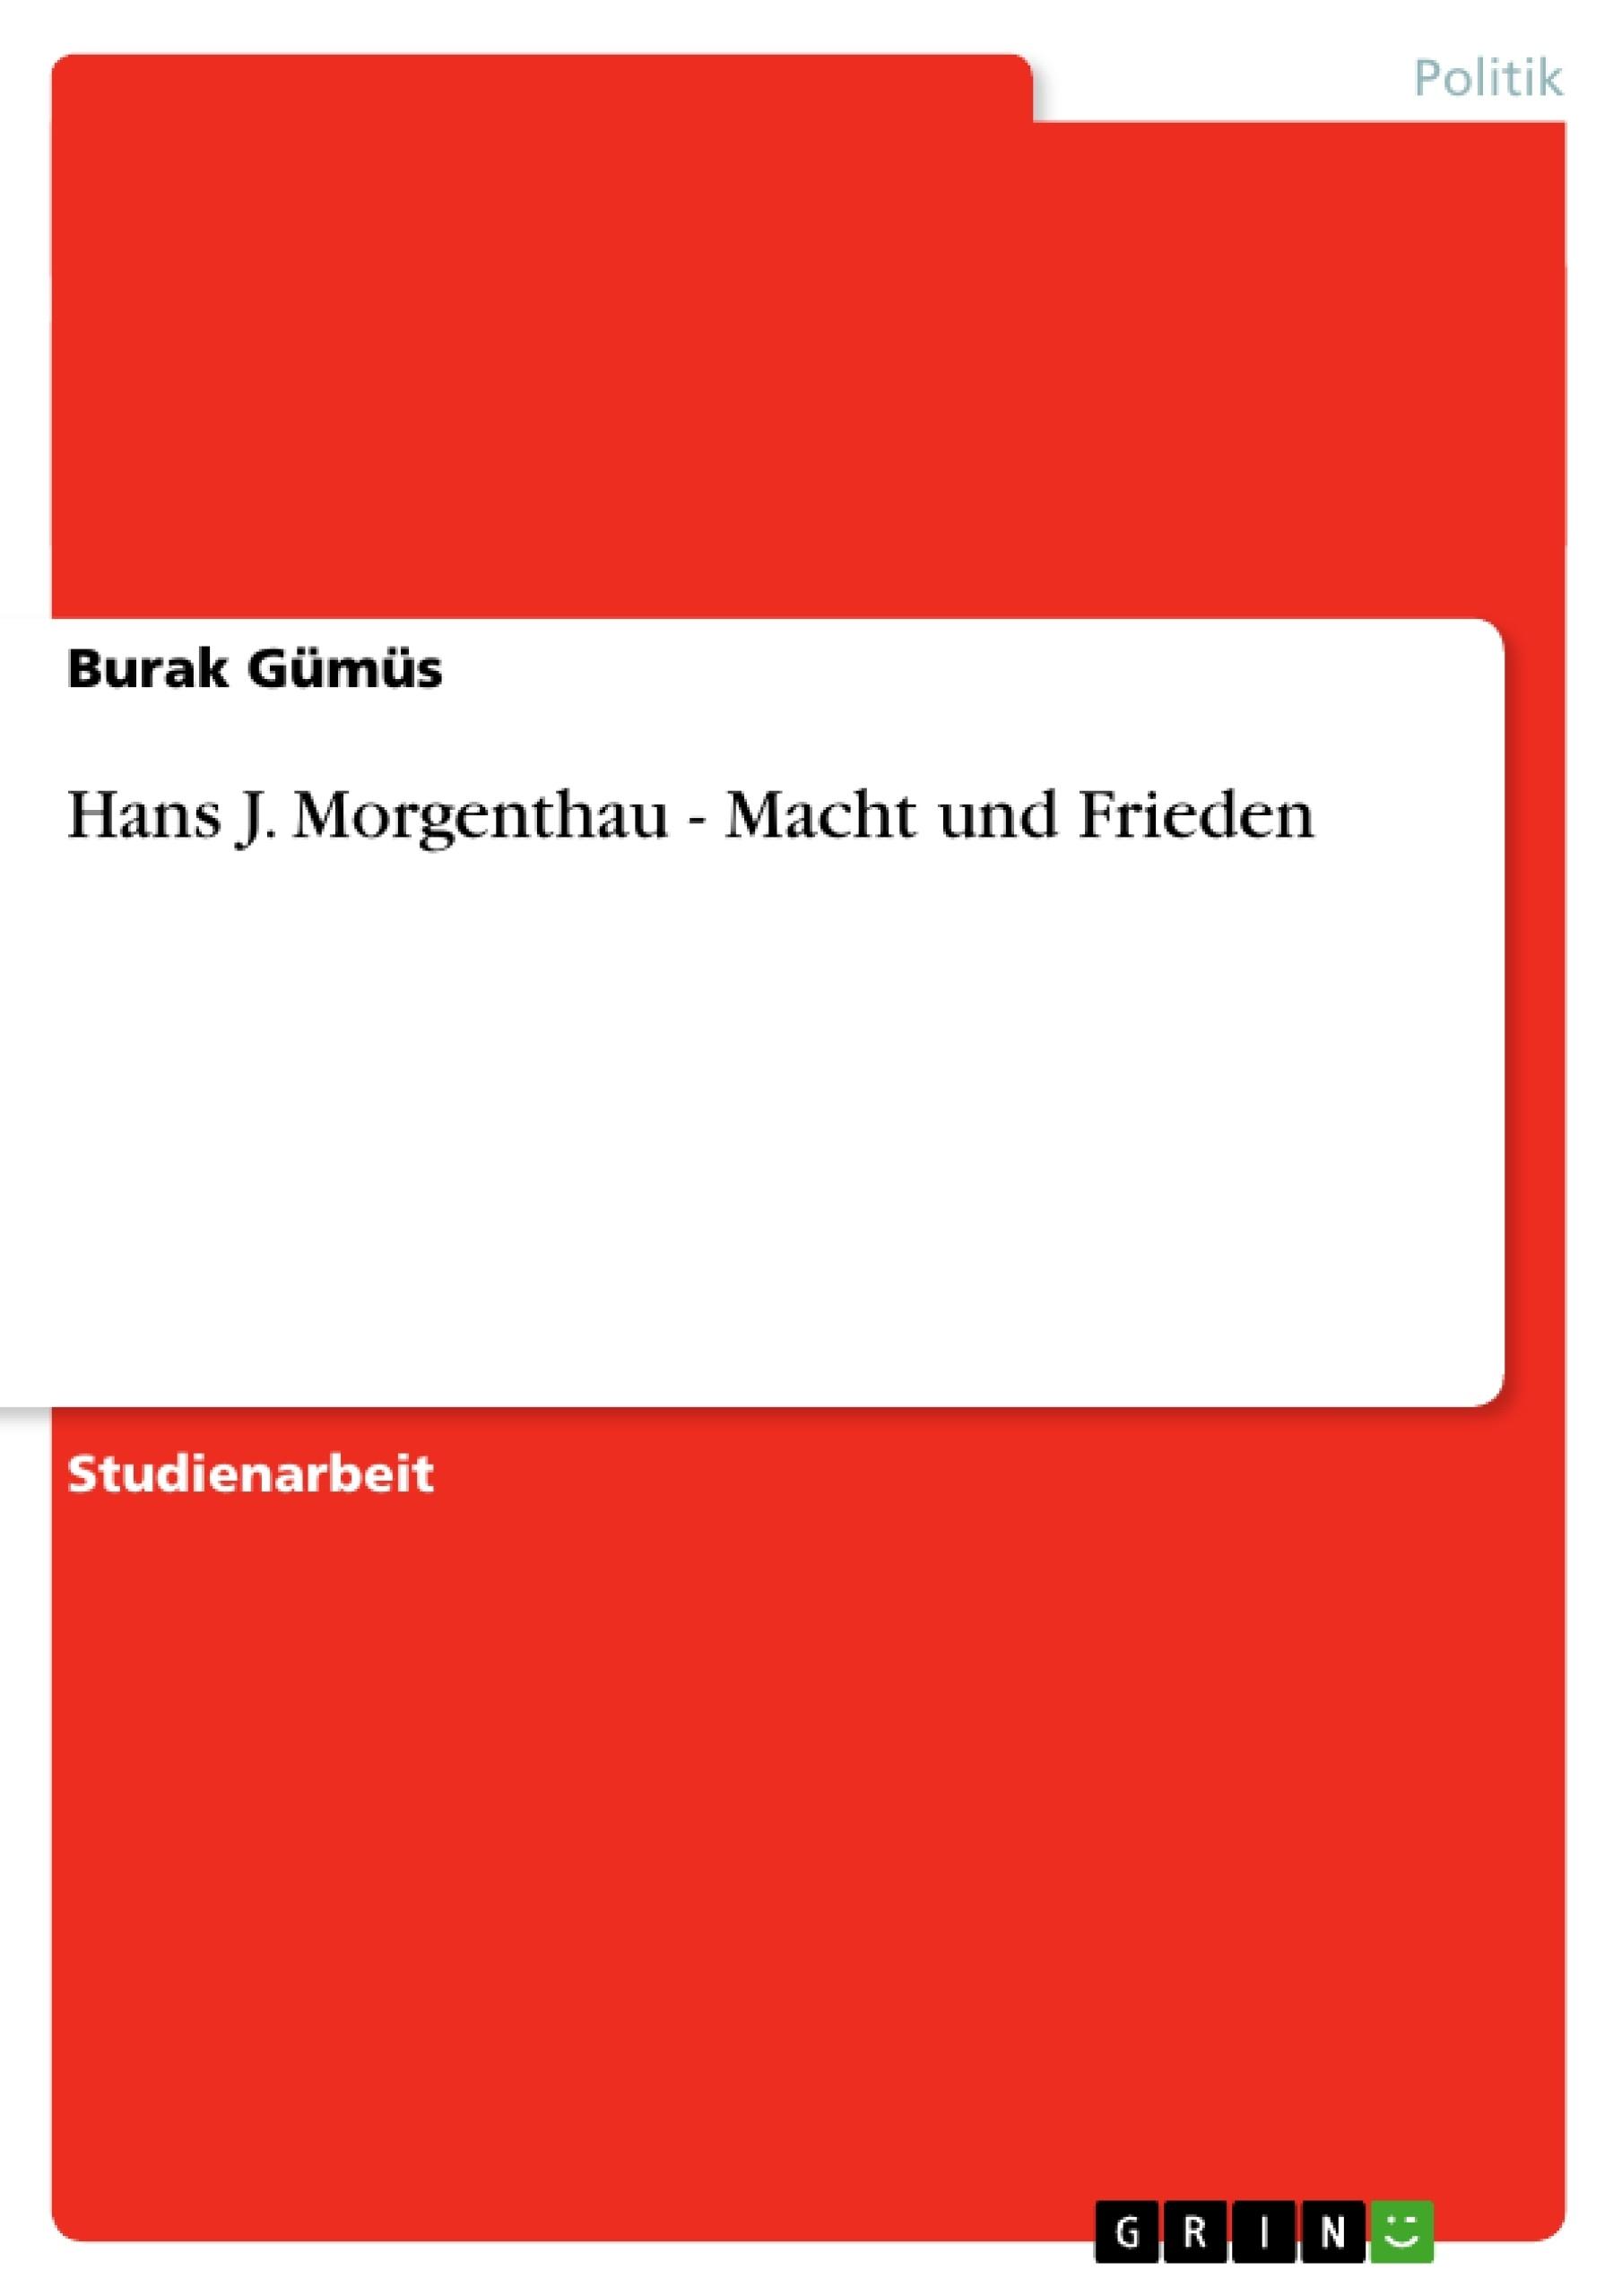 Titel: Hans J. Morgenthau - Macht und Frieden